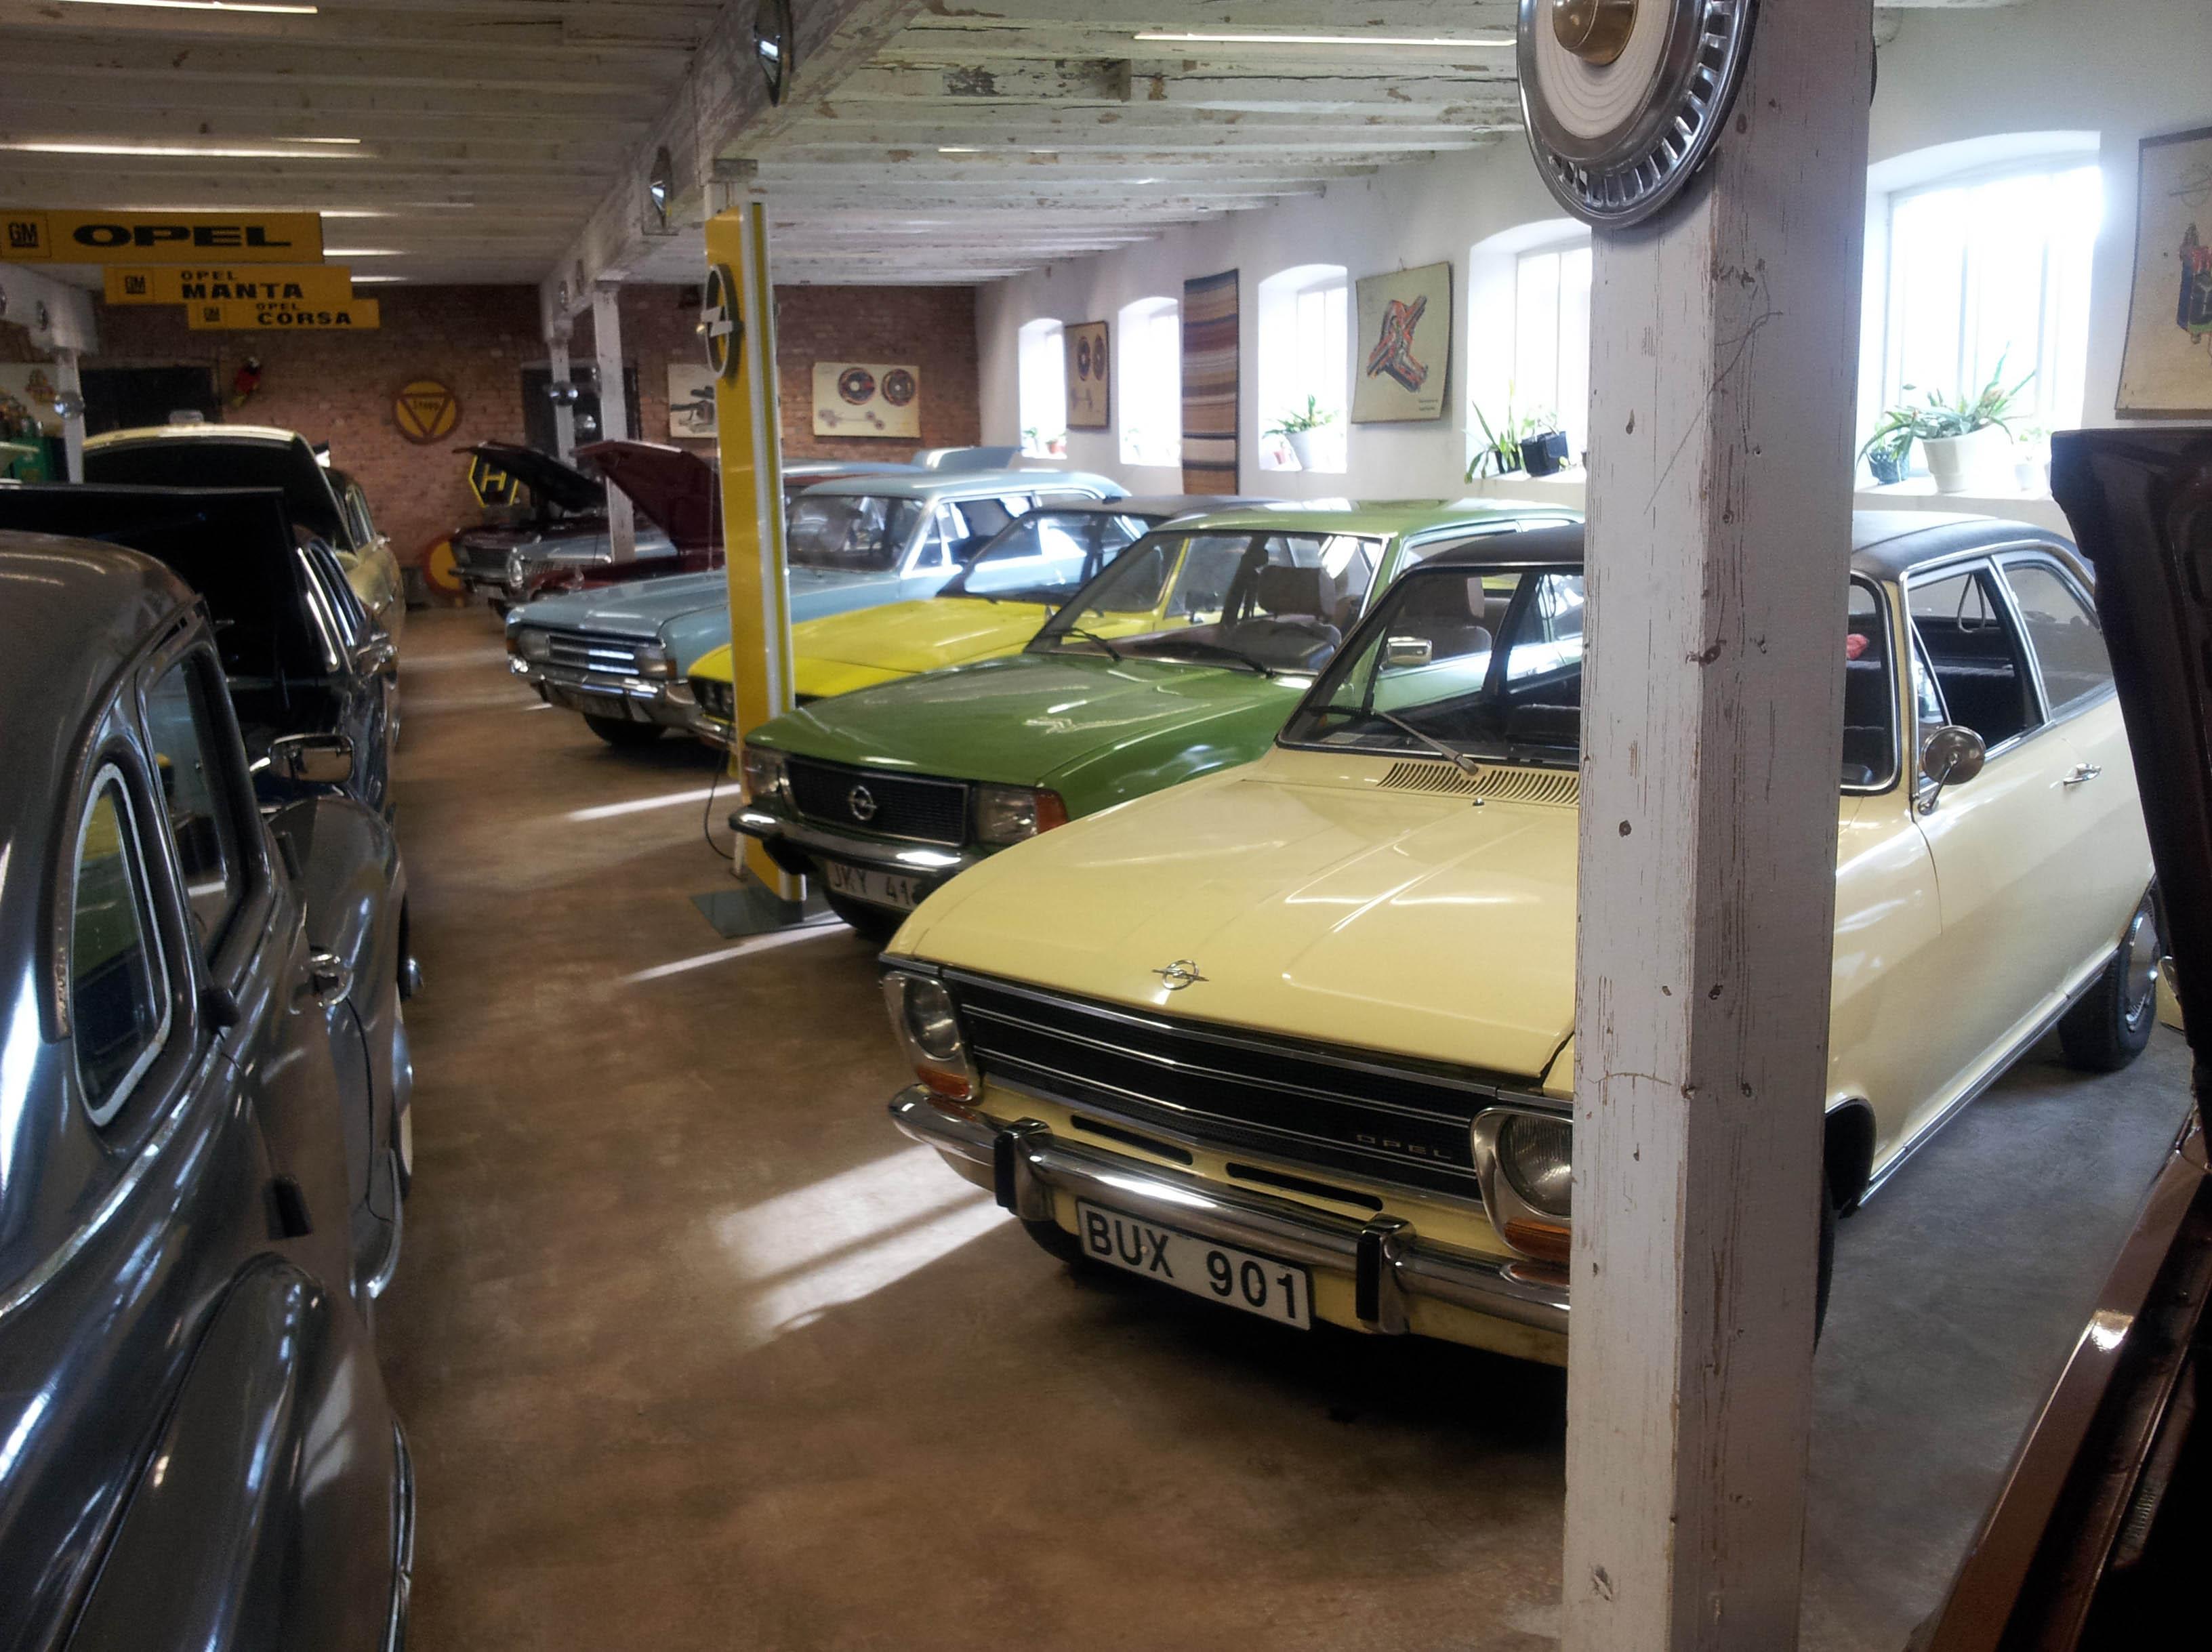 2012 Opelmuseet och Herrtorps Qvarn - 15